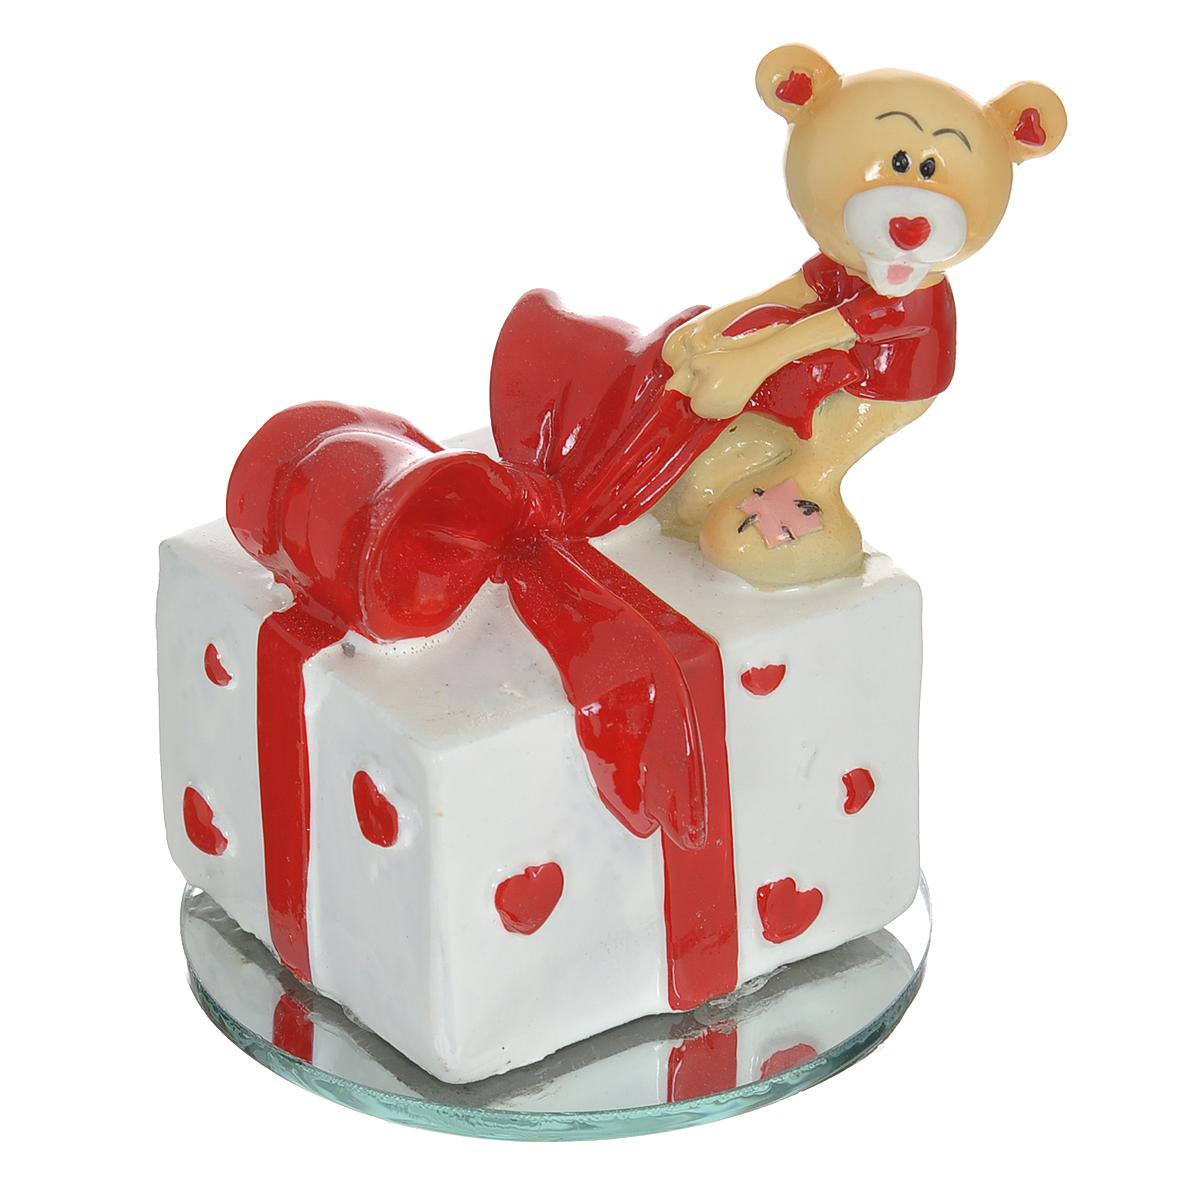 Фигурка декоративная Мишка-валентинка. 123435 фигурки glory design фигурка бегемот 17 9 11 см